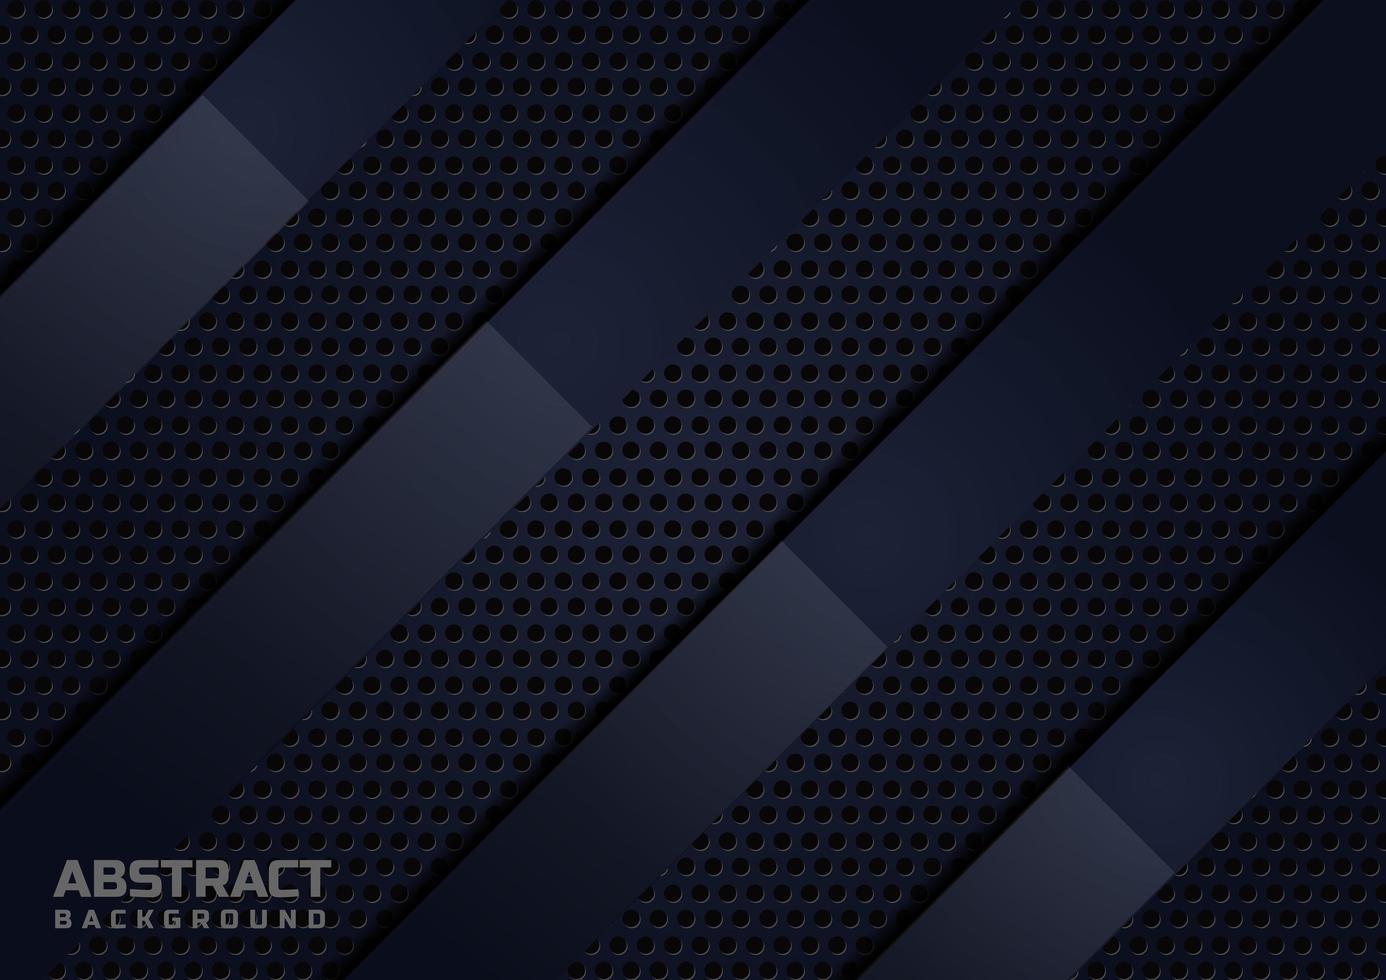 abstrato preto diagonal sobreposição de papel dobrado luxo padrão vetor